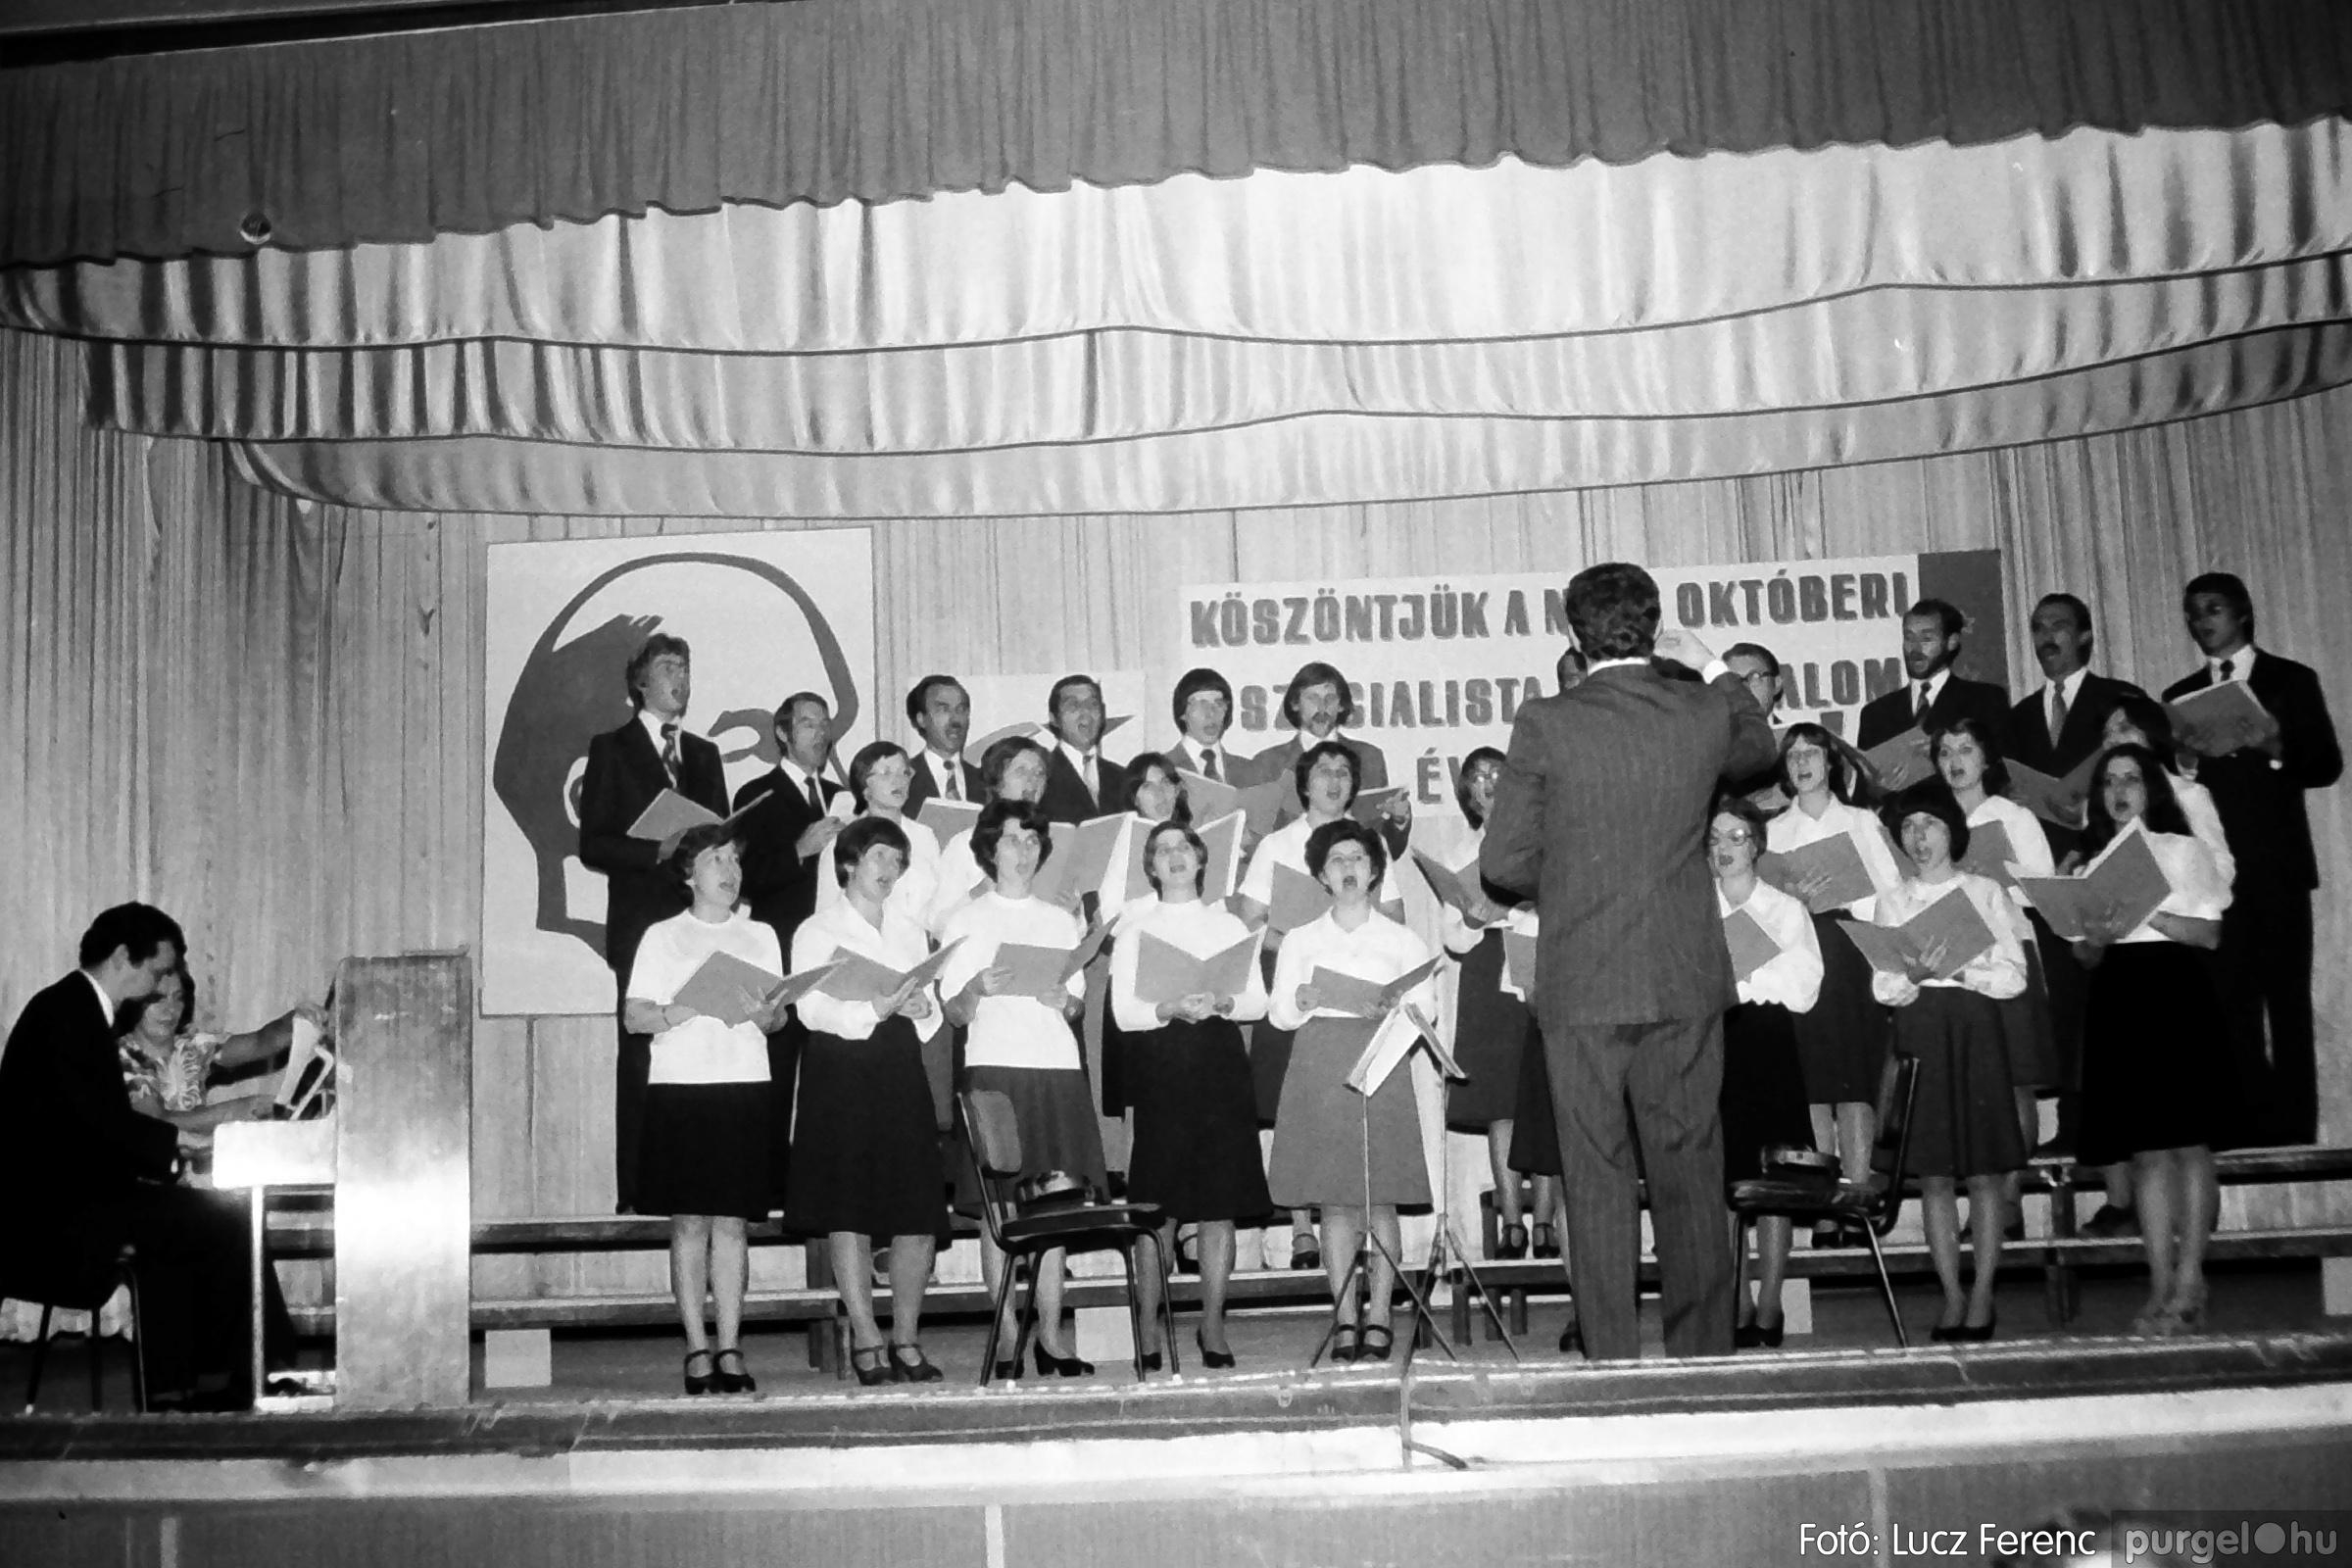 094. 1977.11.07. November 7-i ünnepség 021. - Fotó: Lucz Ferenc.jpg